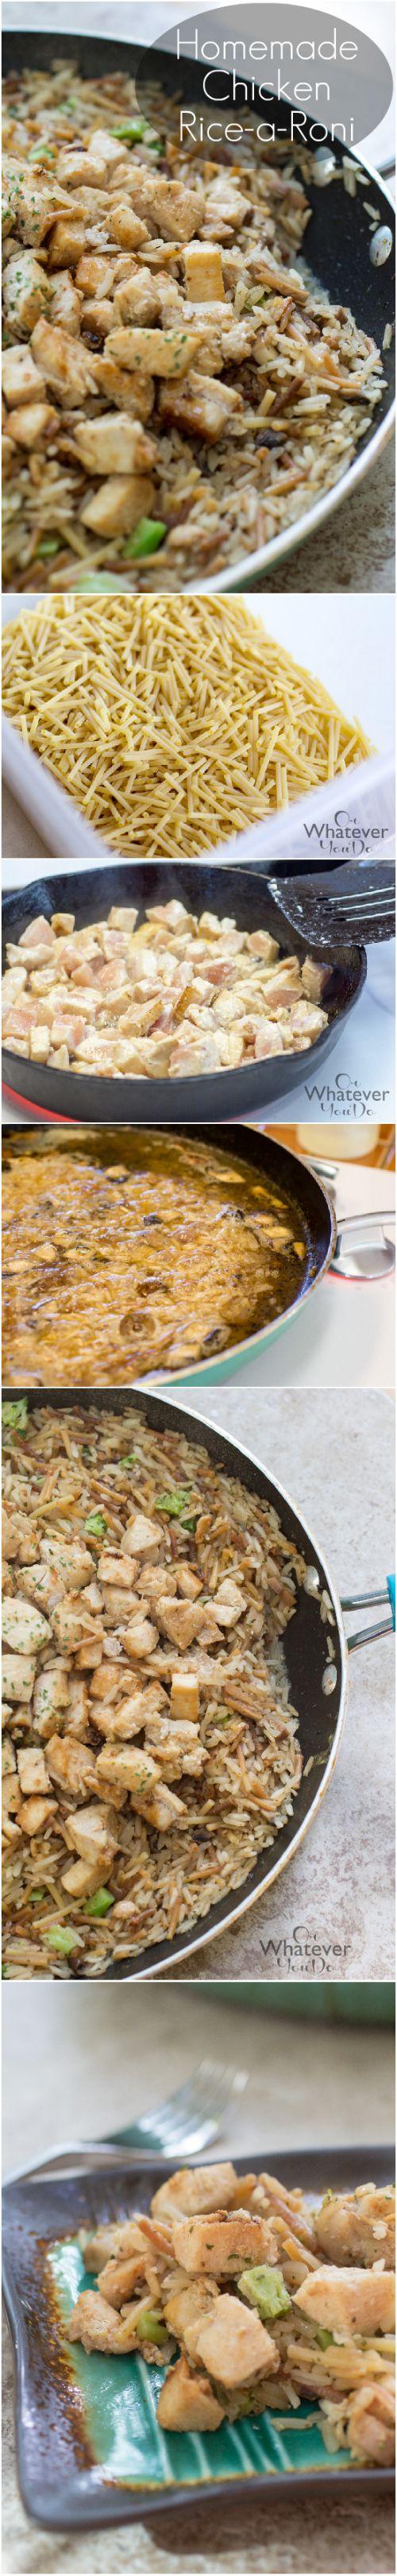 Homemade chicken recipes dinner